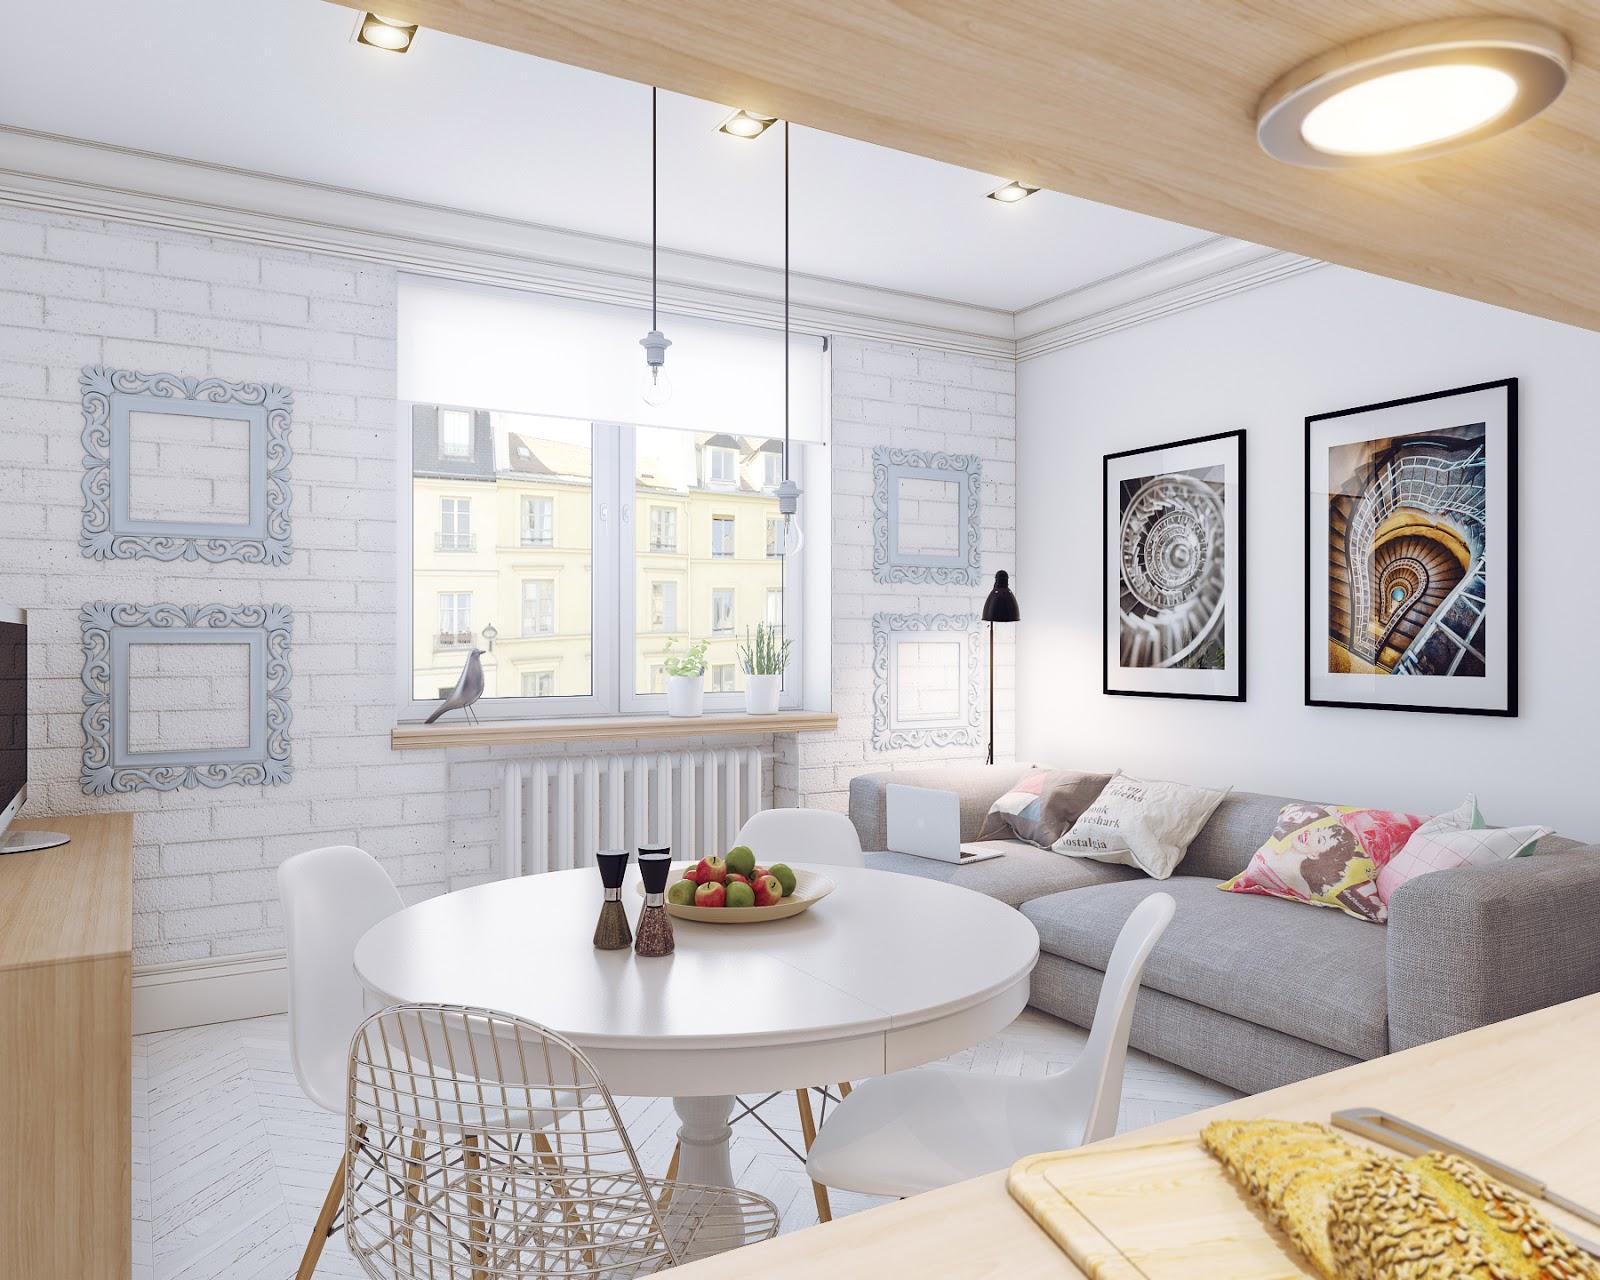 Arredare piccoli spazi giocando con i colori 25 mq for Decoracion casa 90m2